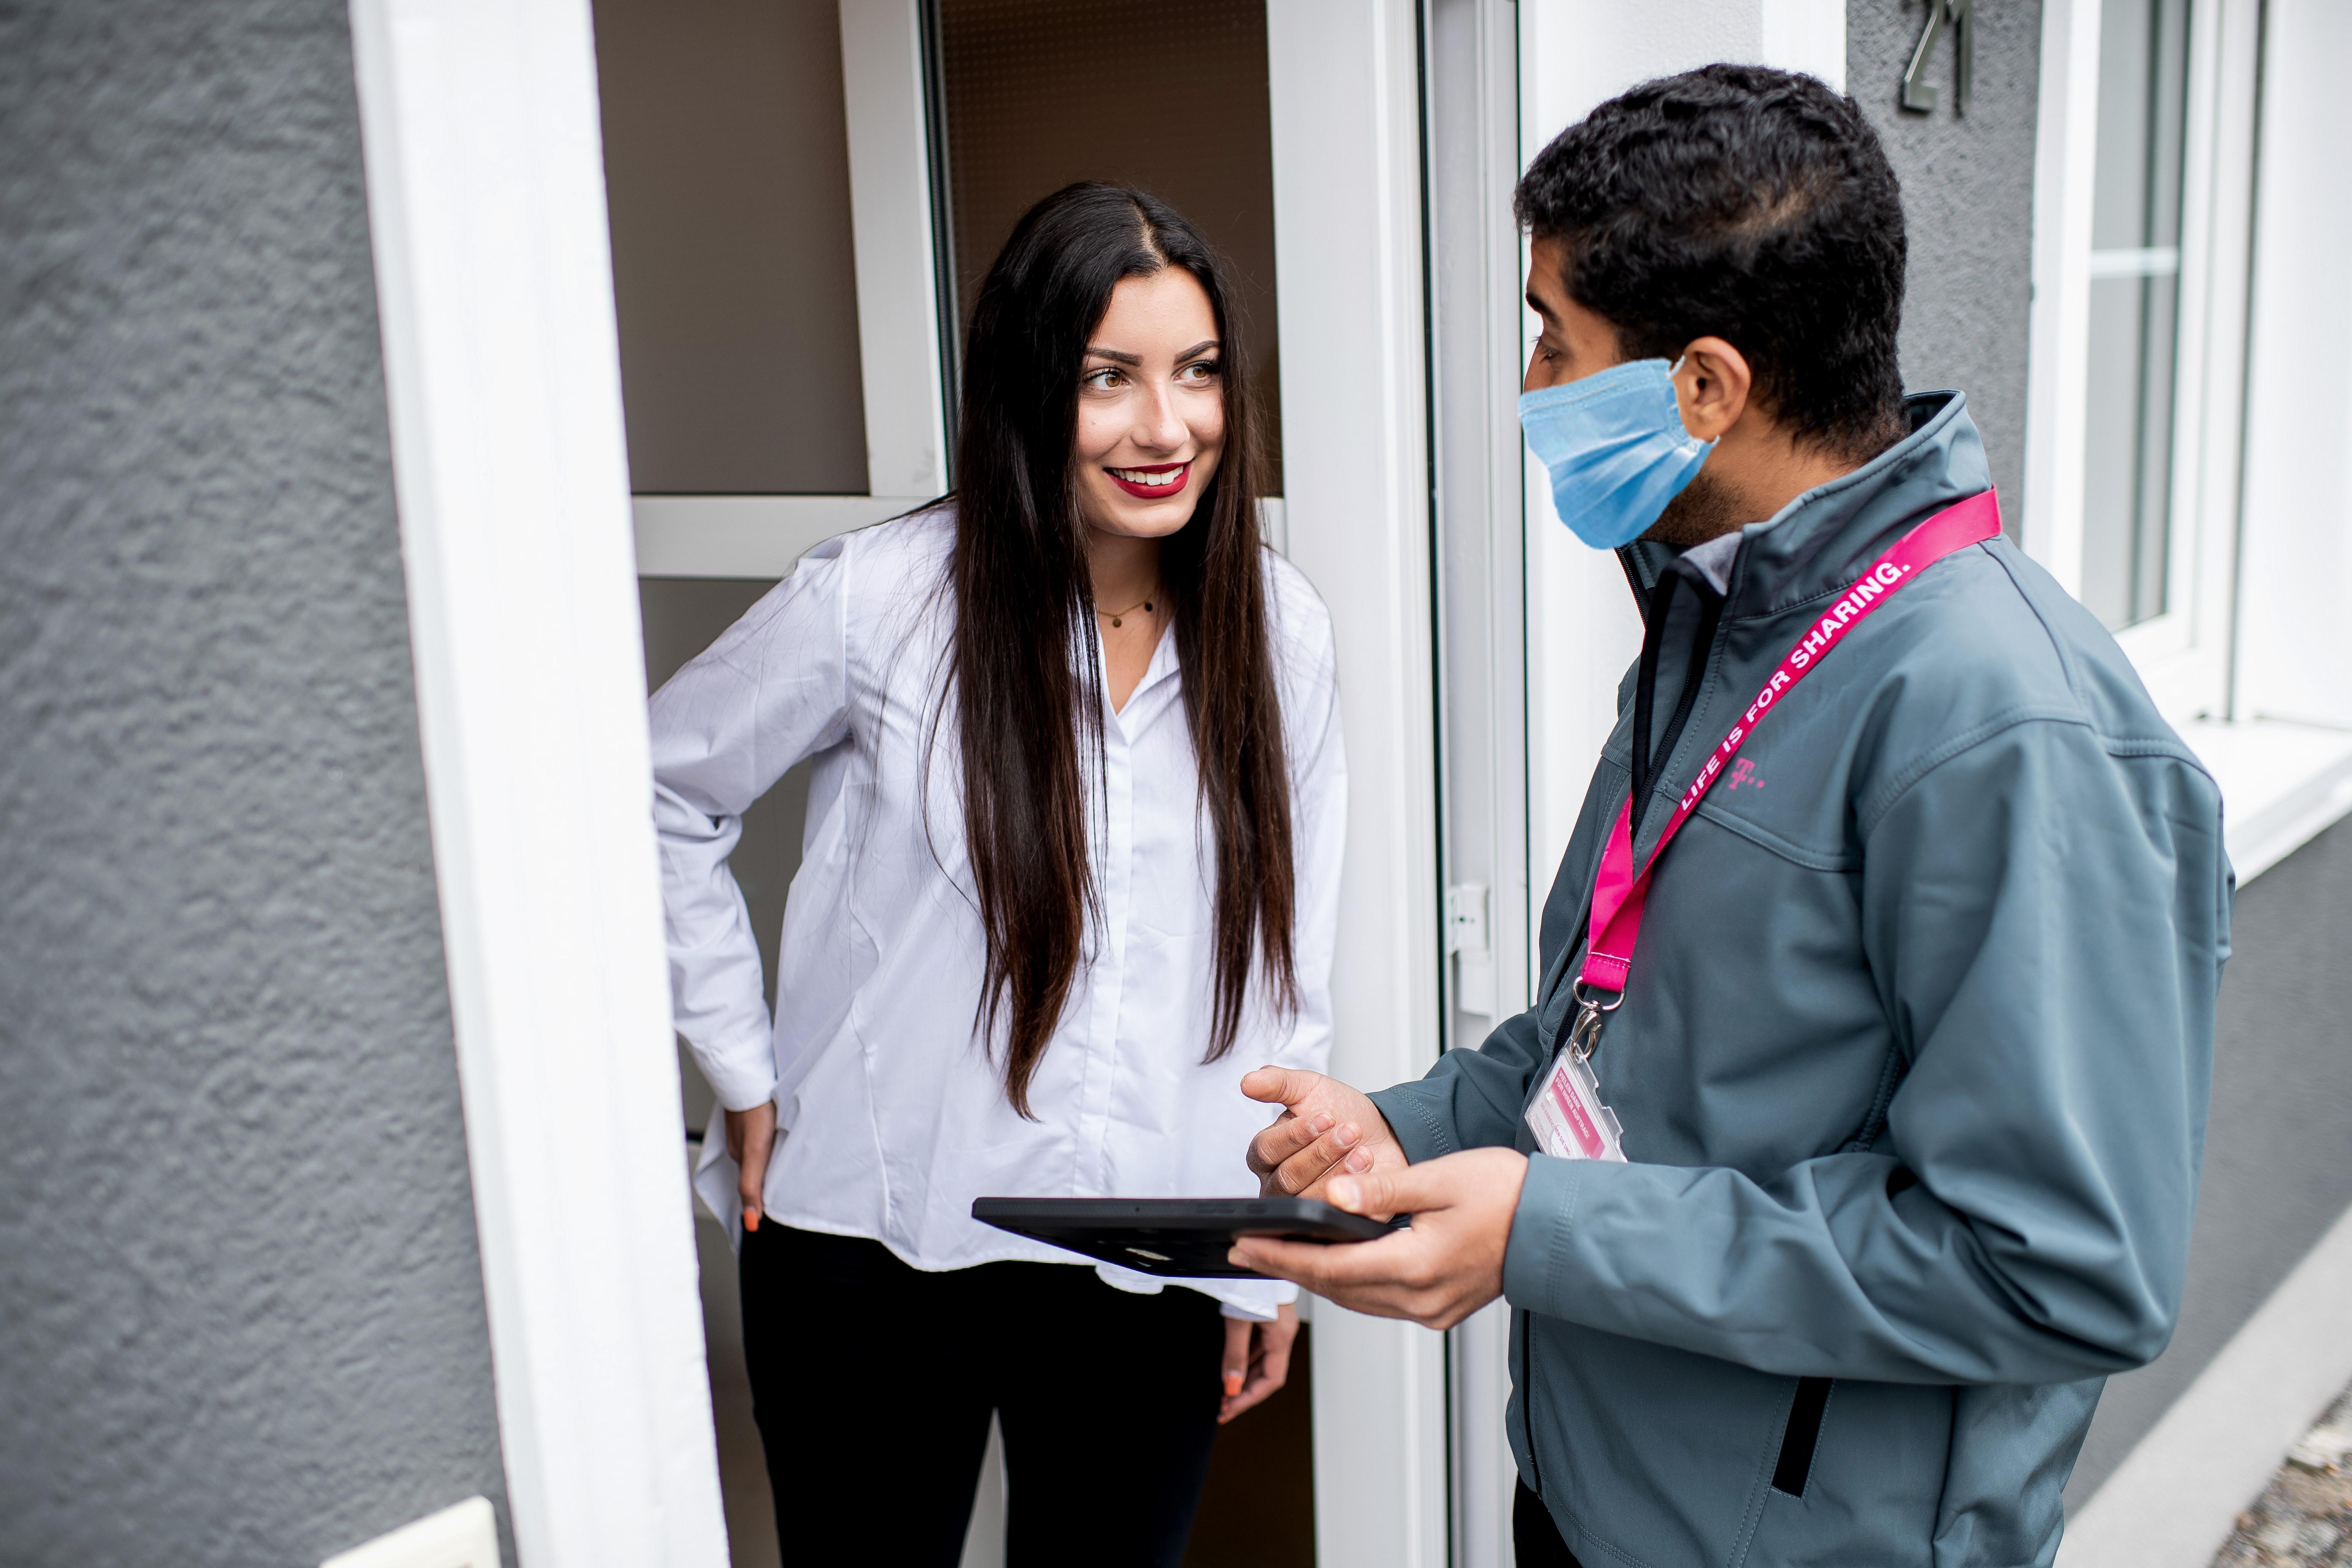 Ein Mitarbeiter der Telekom berät eine potentielle Kundin an der Haustür.